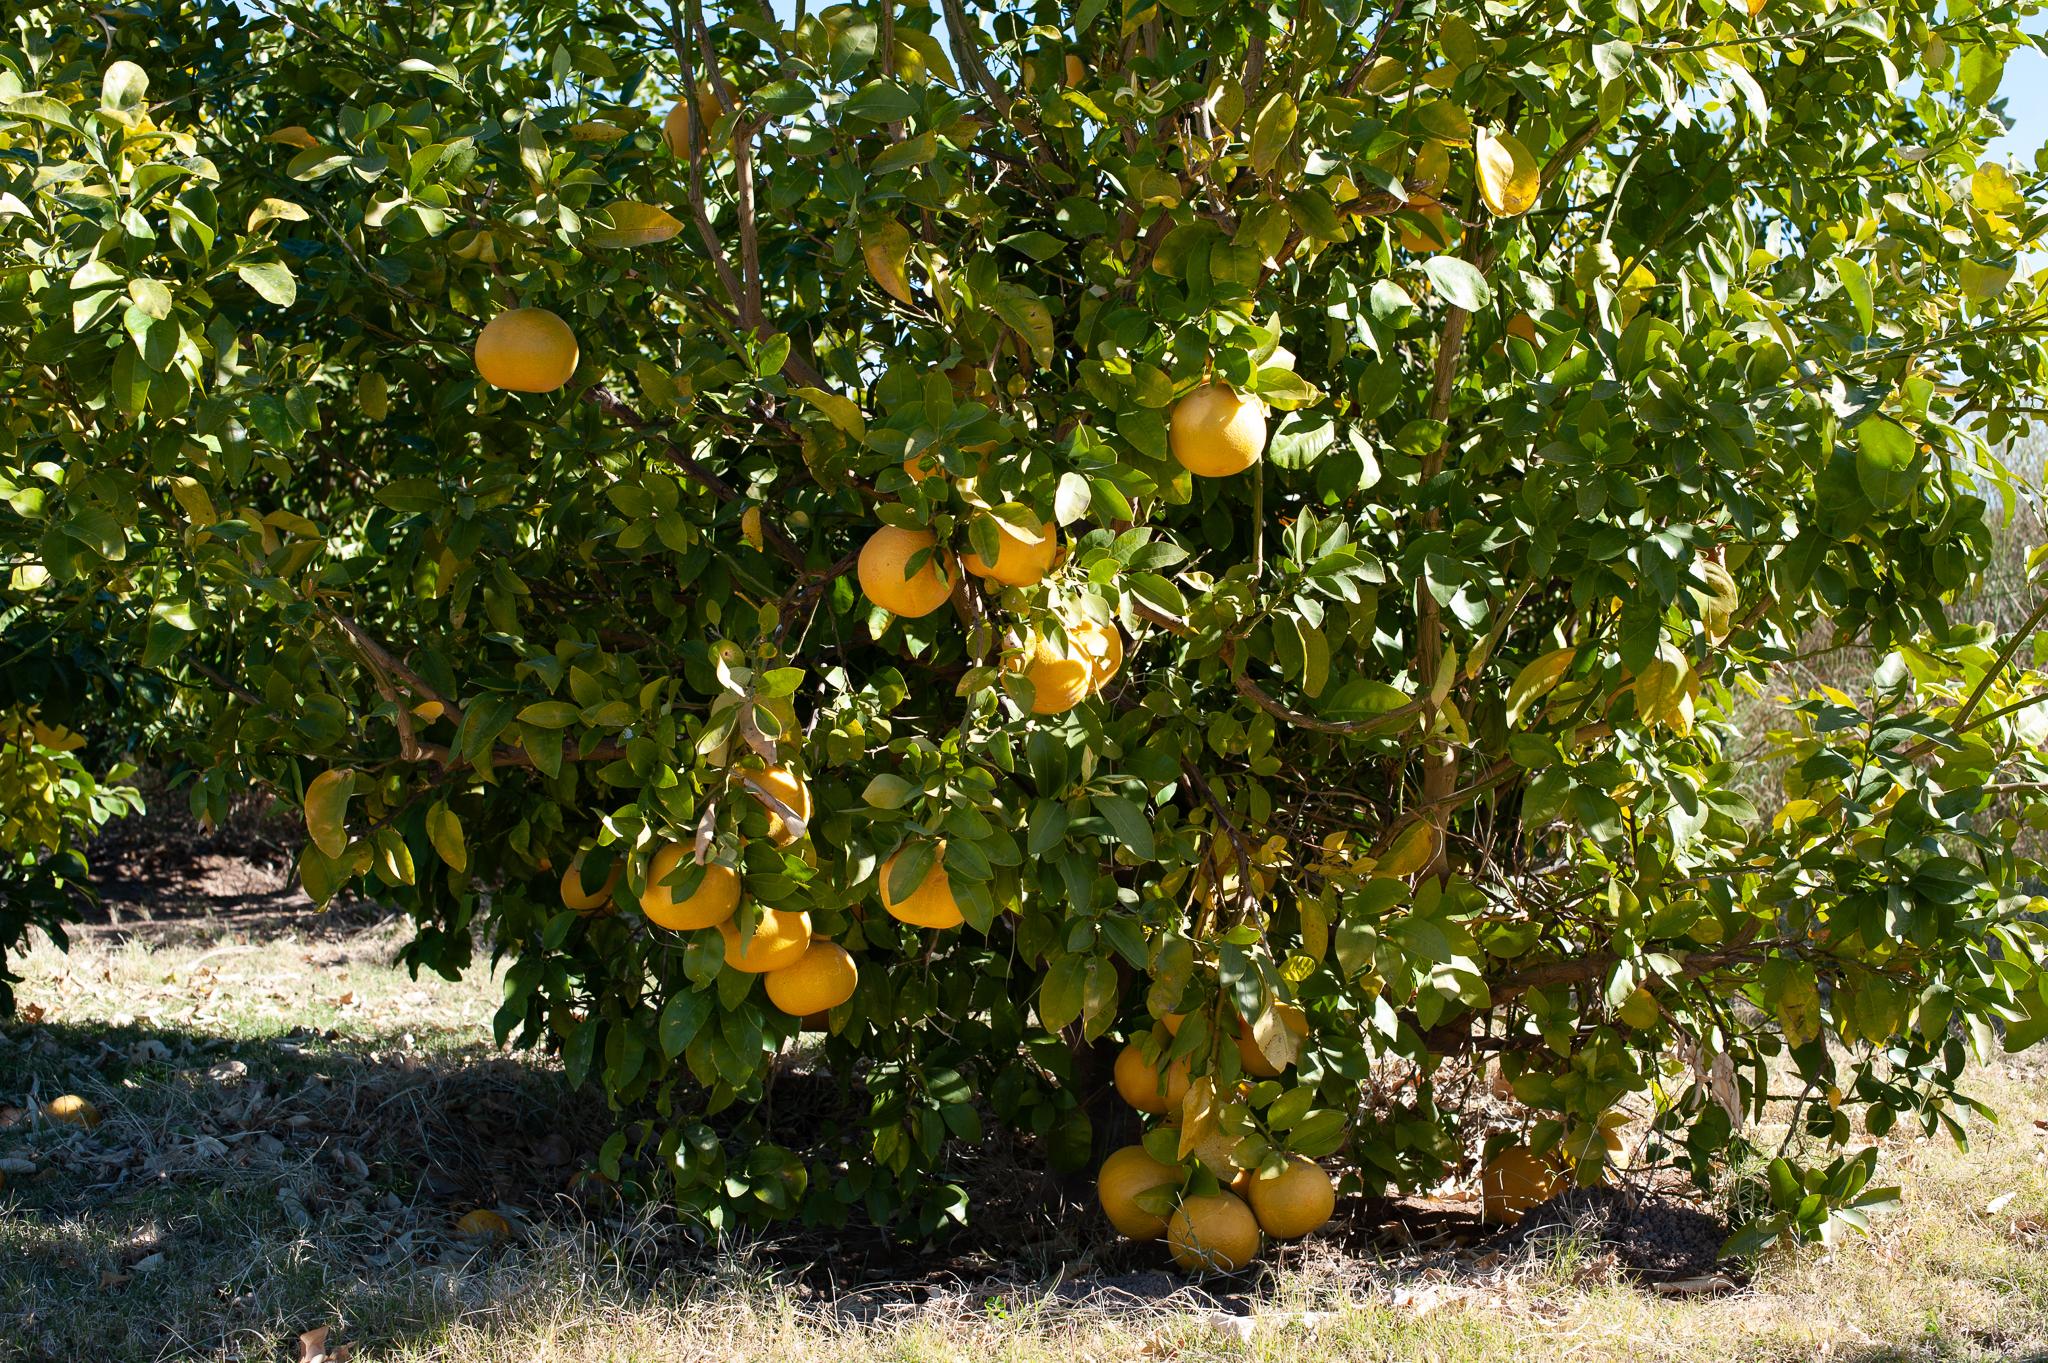 Lemons in the Learning Garden